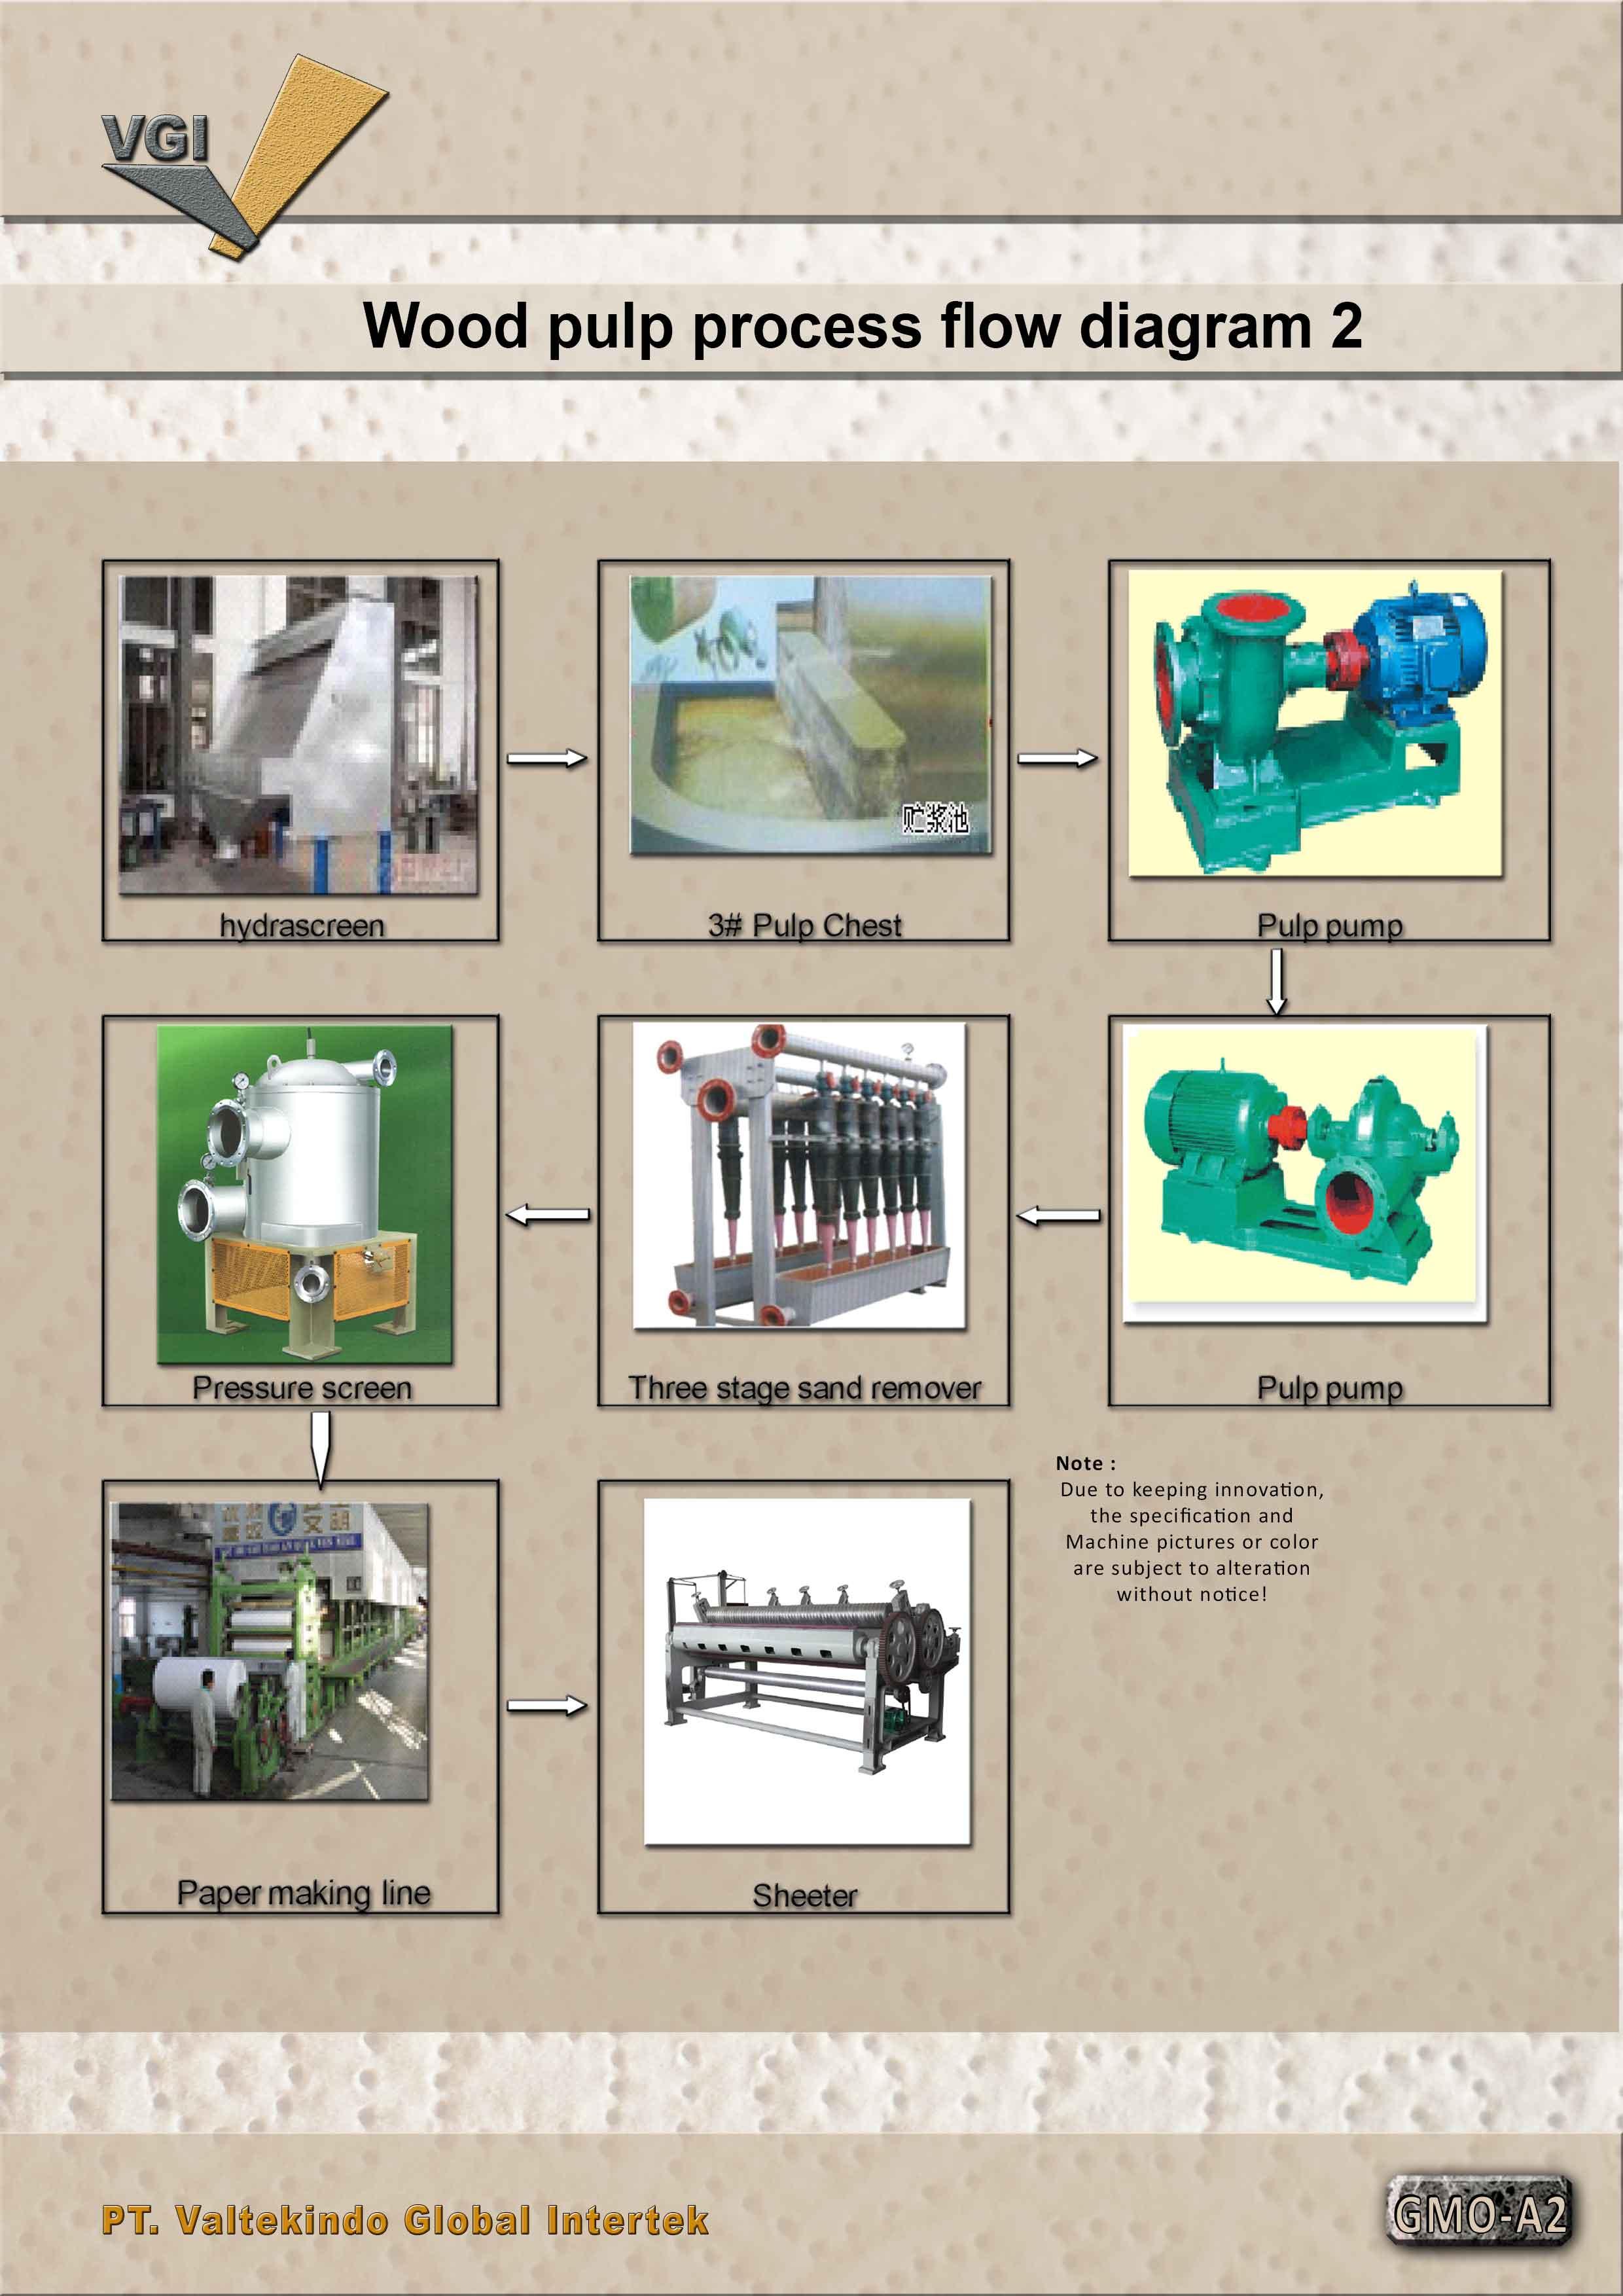 jual mesin, harga mesin, distributor mesin, jual mesin karet, daur ulang plastik Wood pulp process flow diagram 2  Wood pulp process flow diagram 2